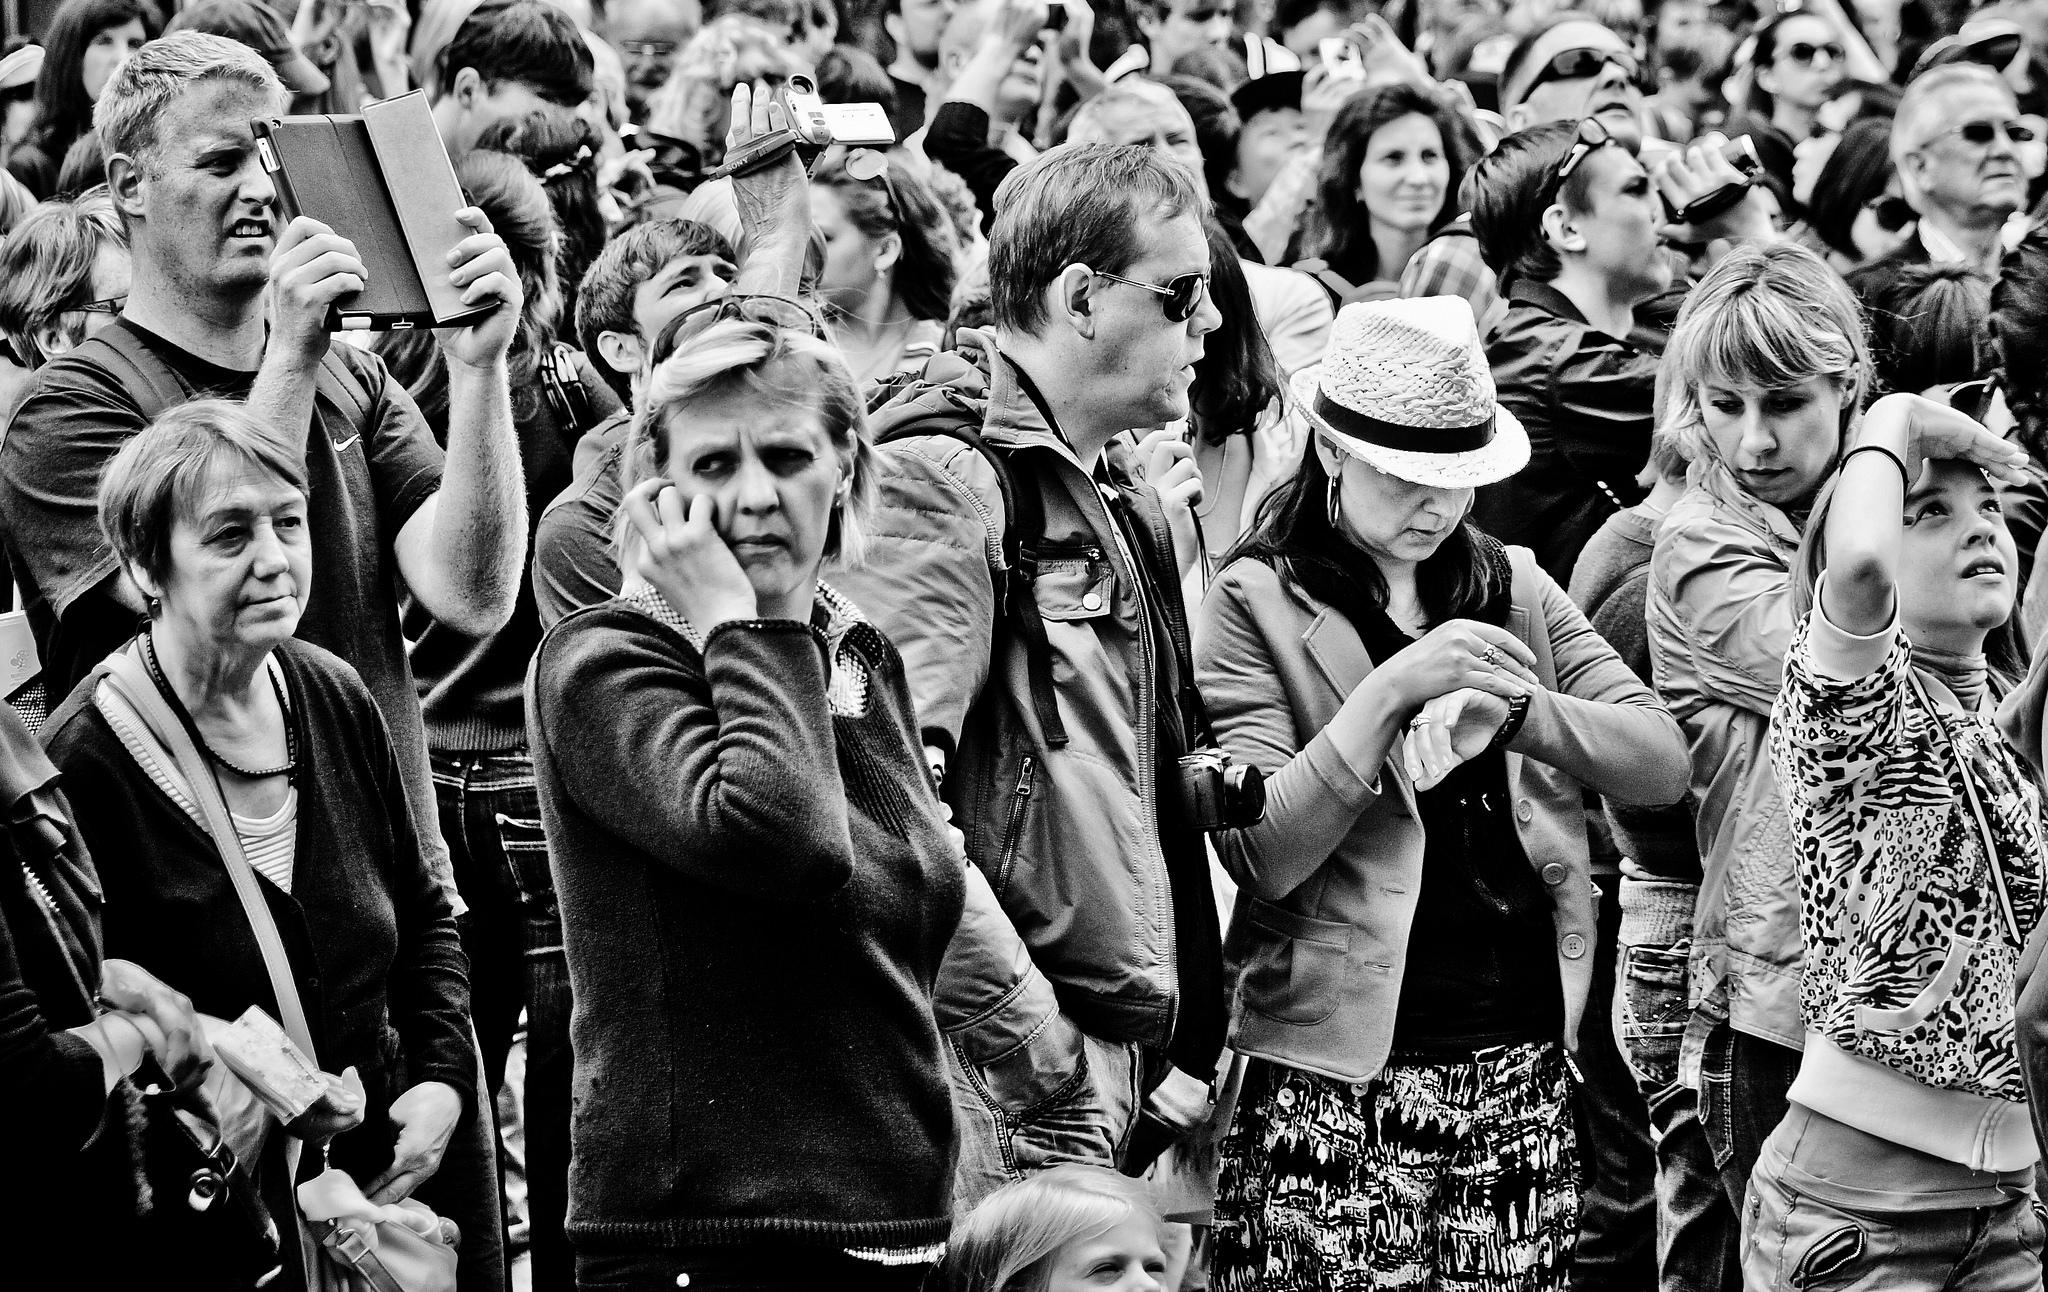 Gary Winfield - Faces in a Crowd III - 13949280859_209a97dd37_k.jpg